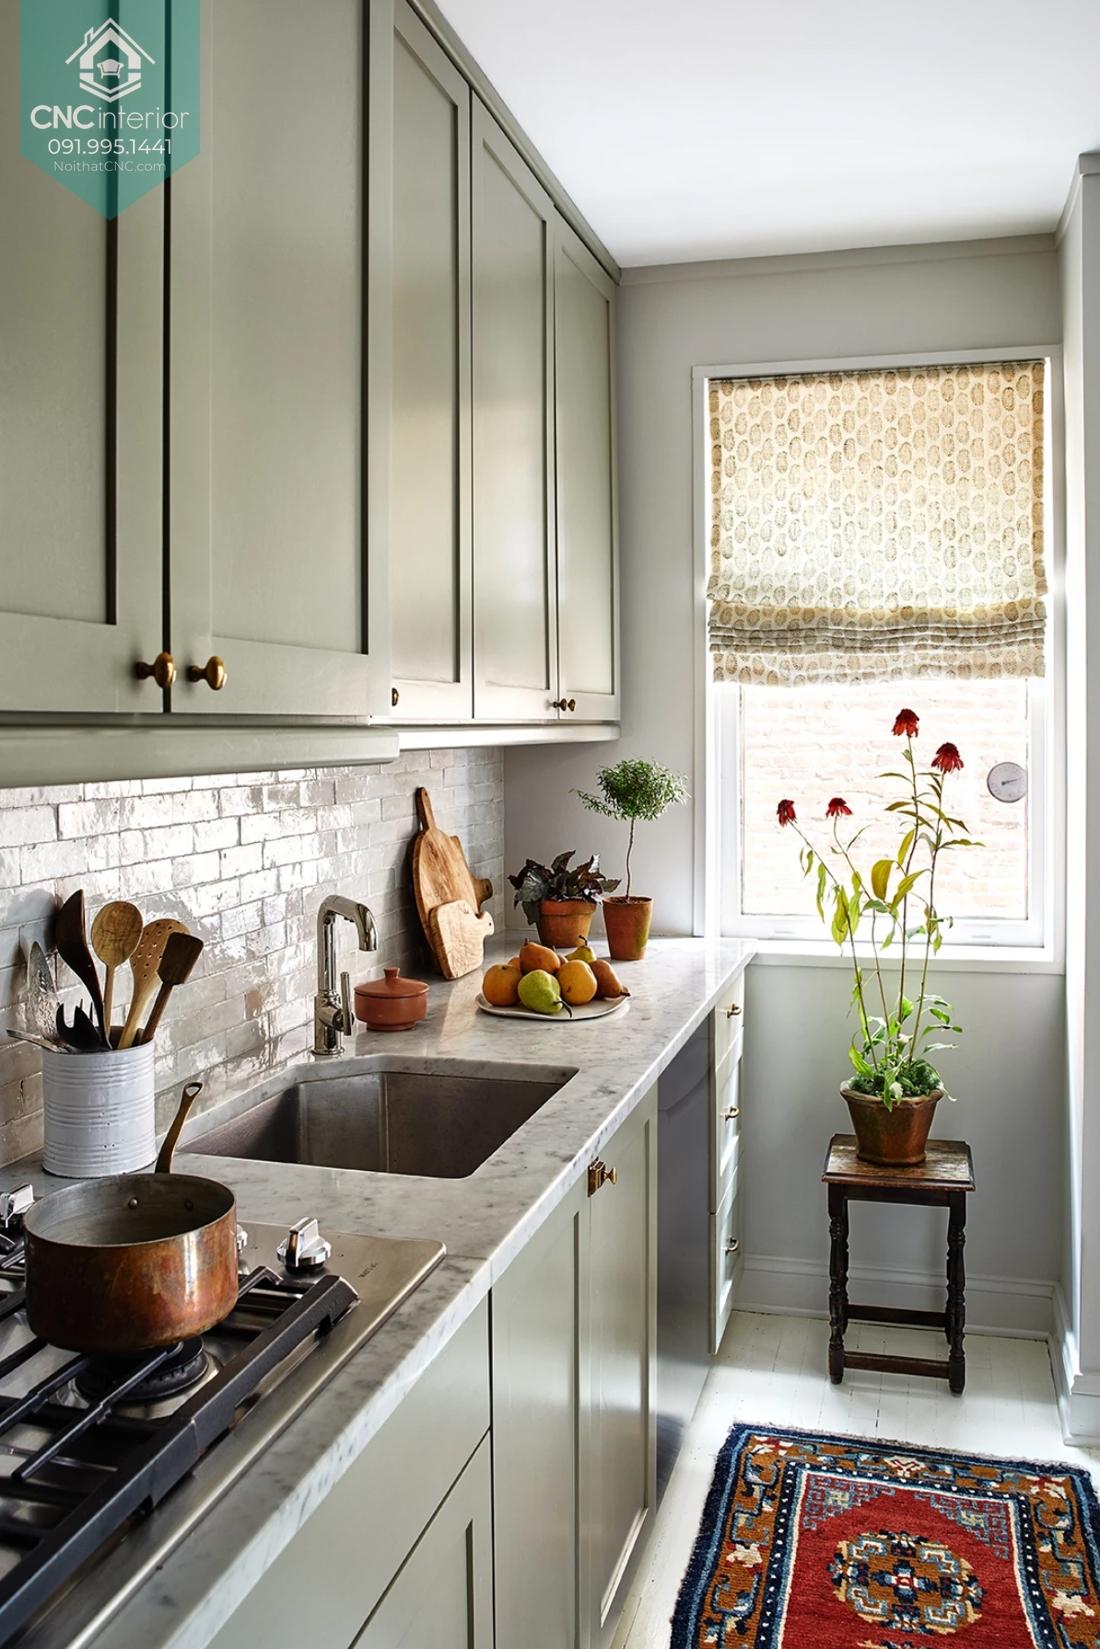 Diện tích phòng bếp bao nhiêu là hợp lý